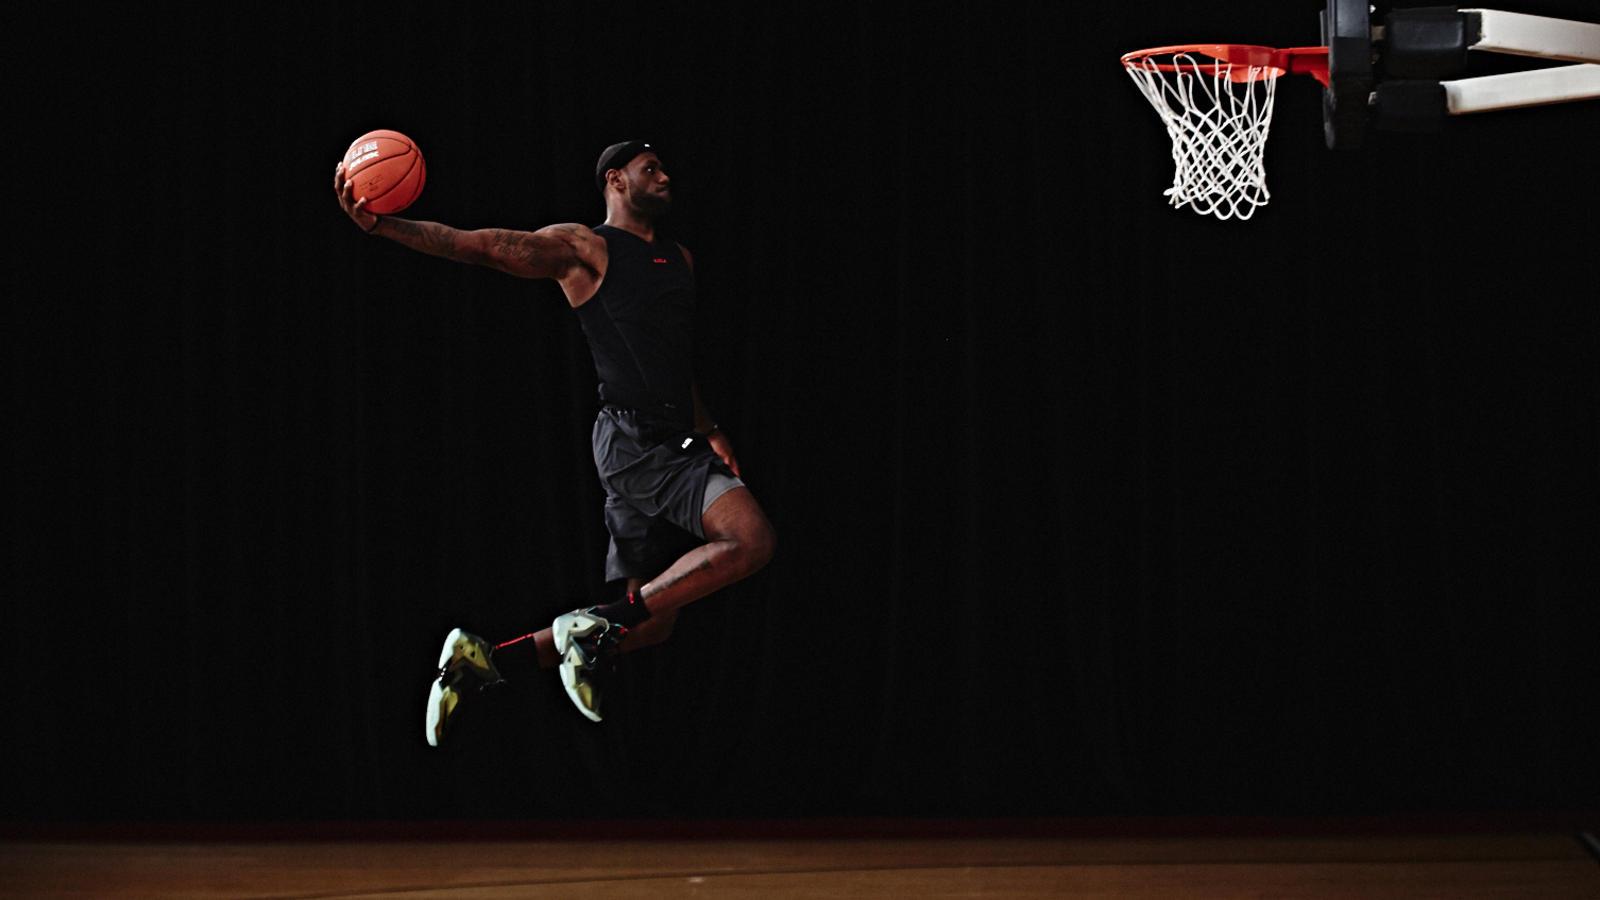 lebron james basketball nike